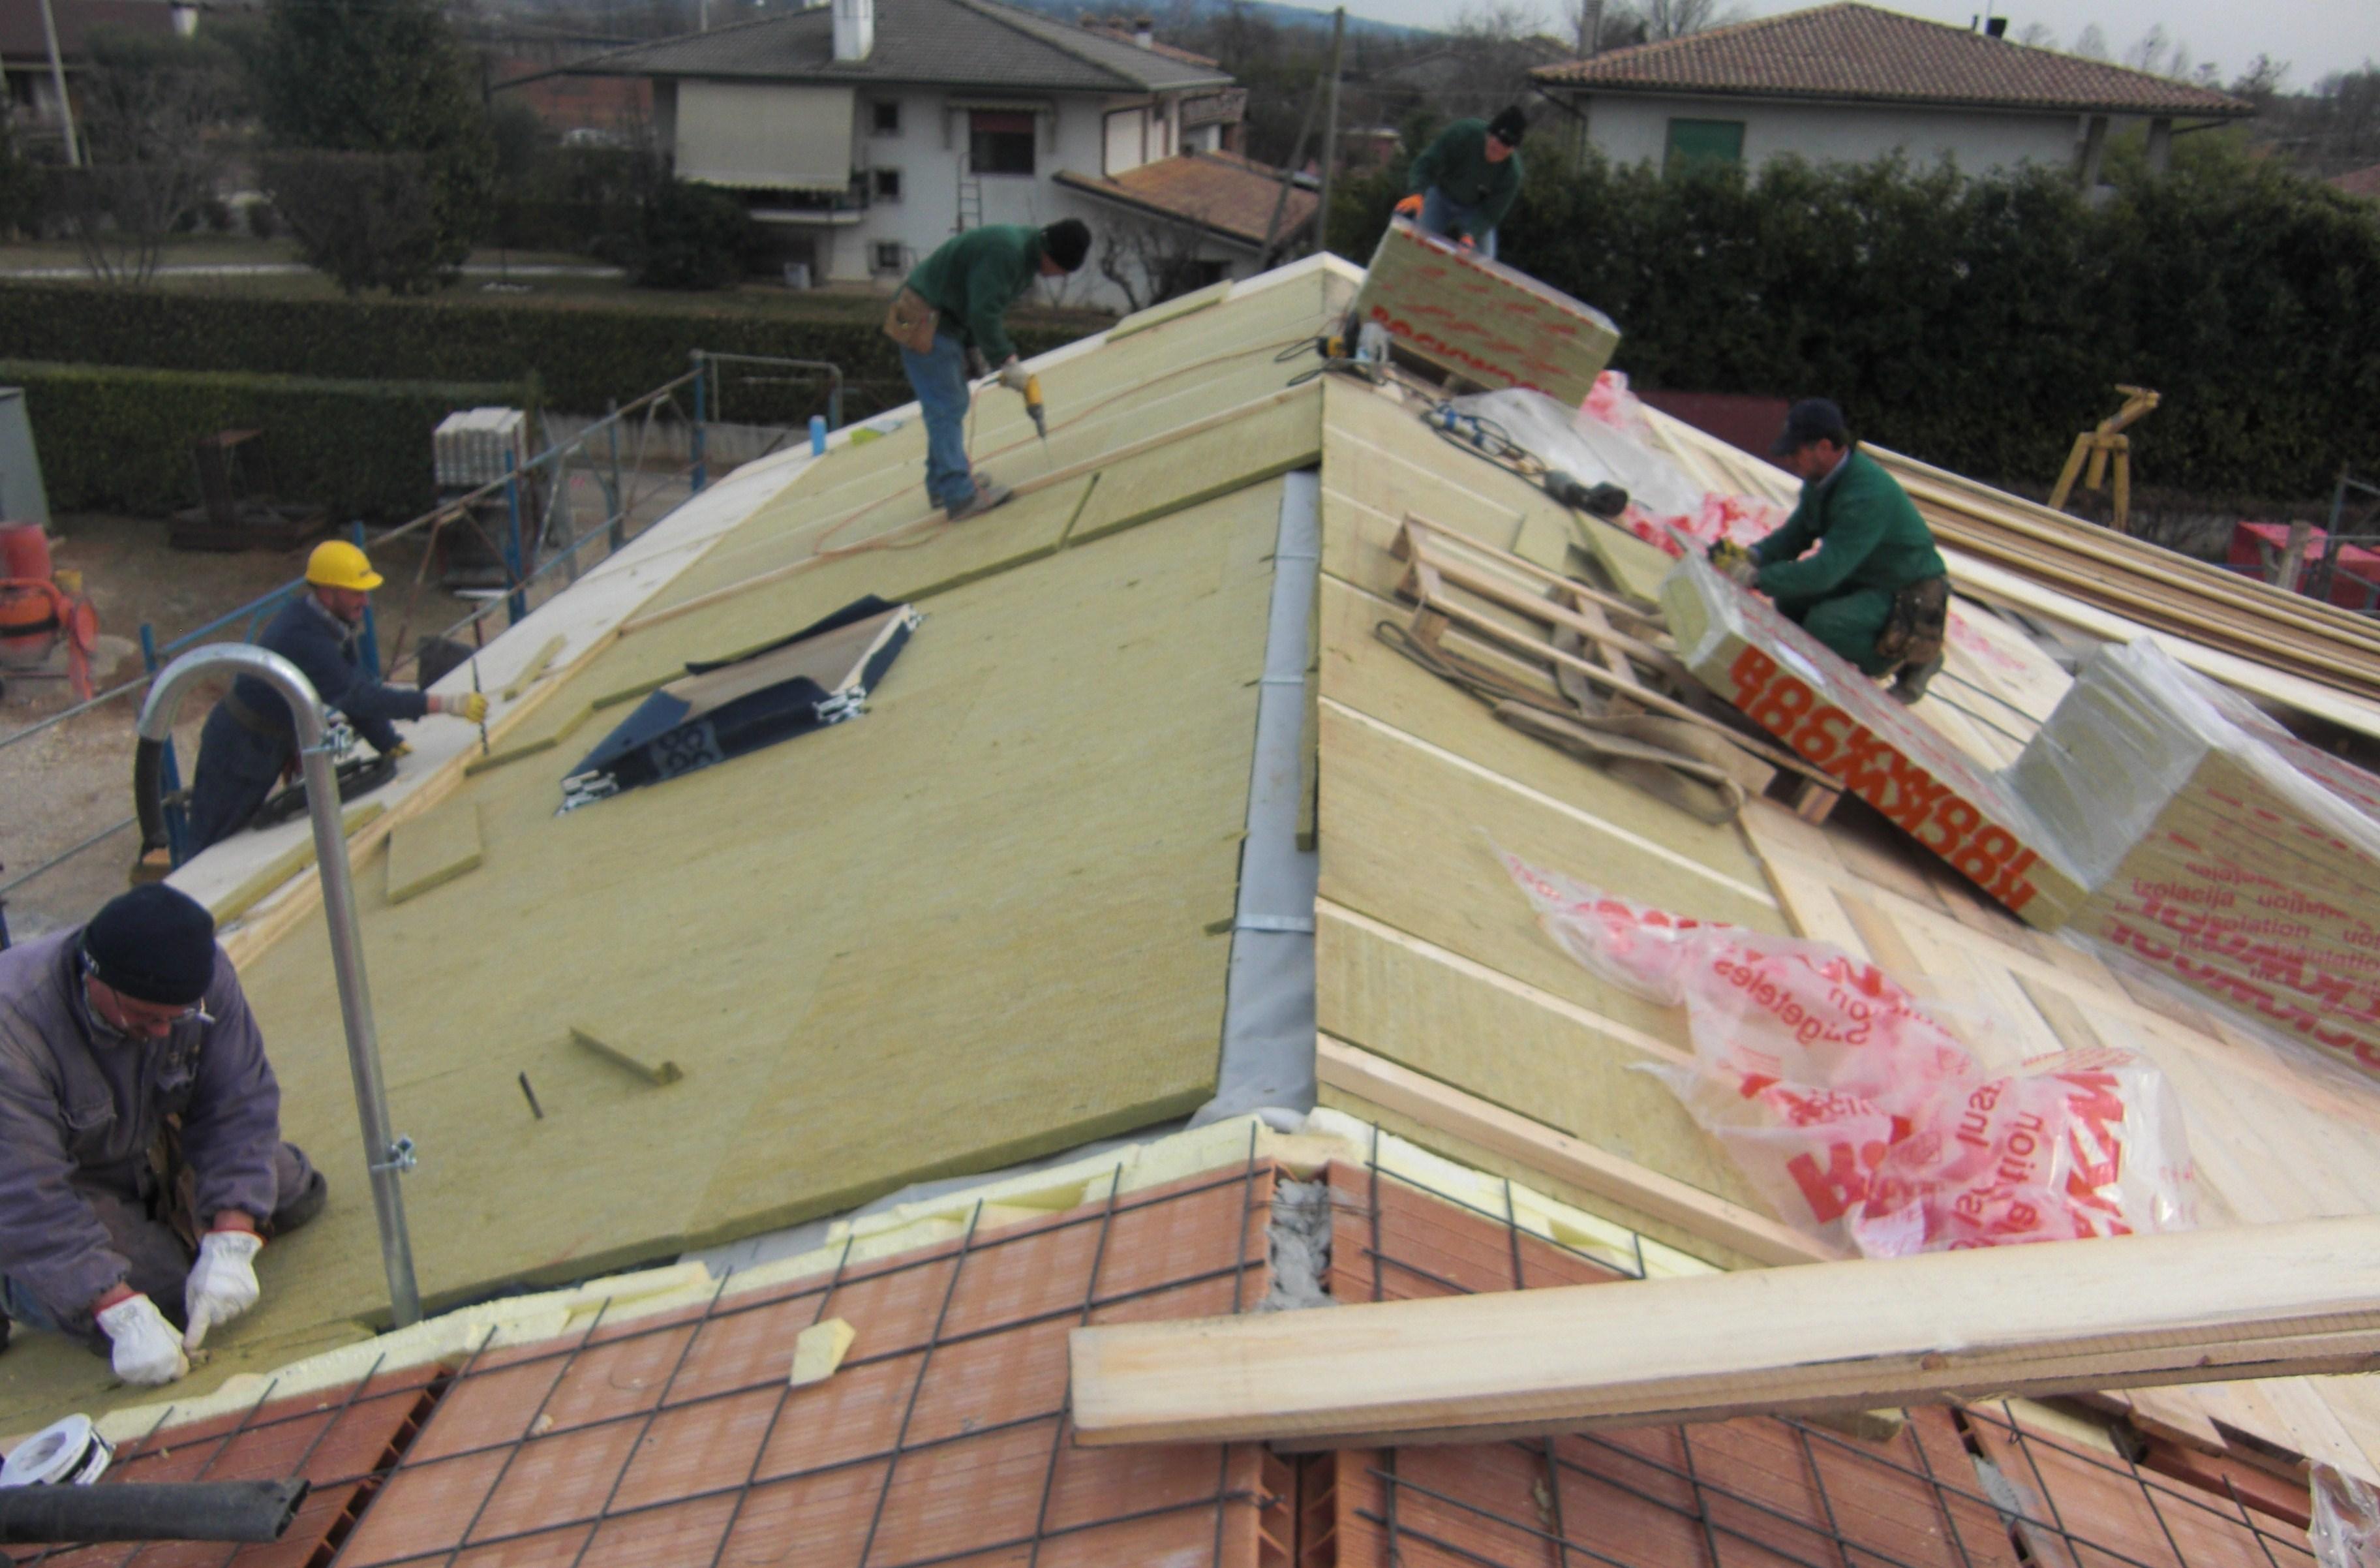 Chi siamo impresa edile montebelluna costruzioni zanella for Imprese edili e costruzioni londra